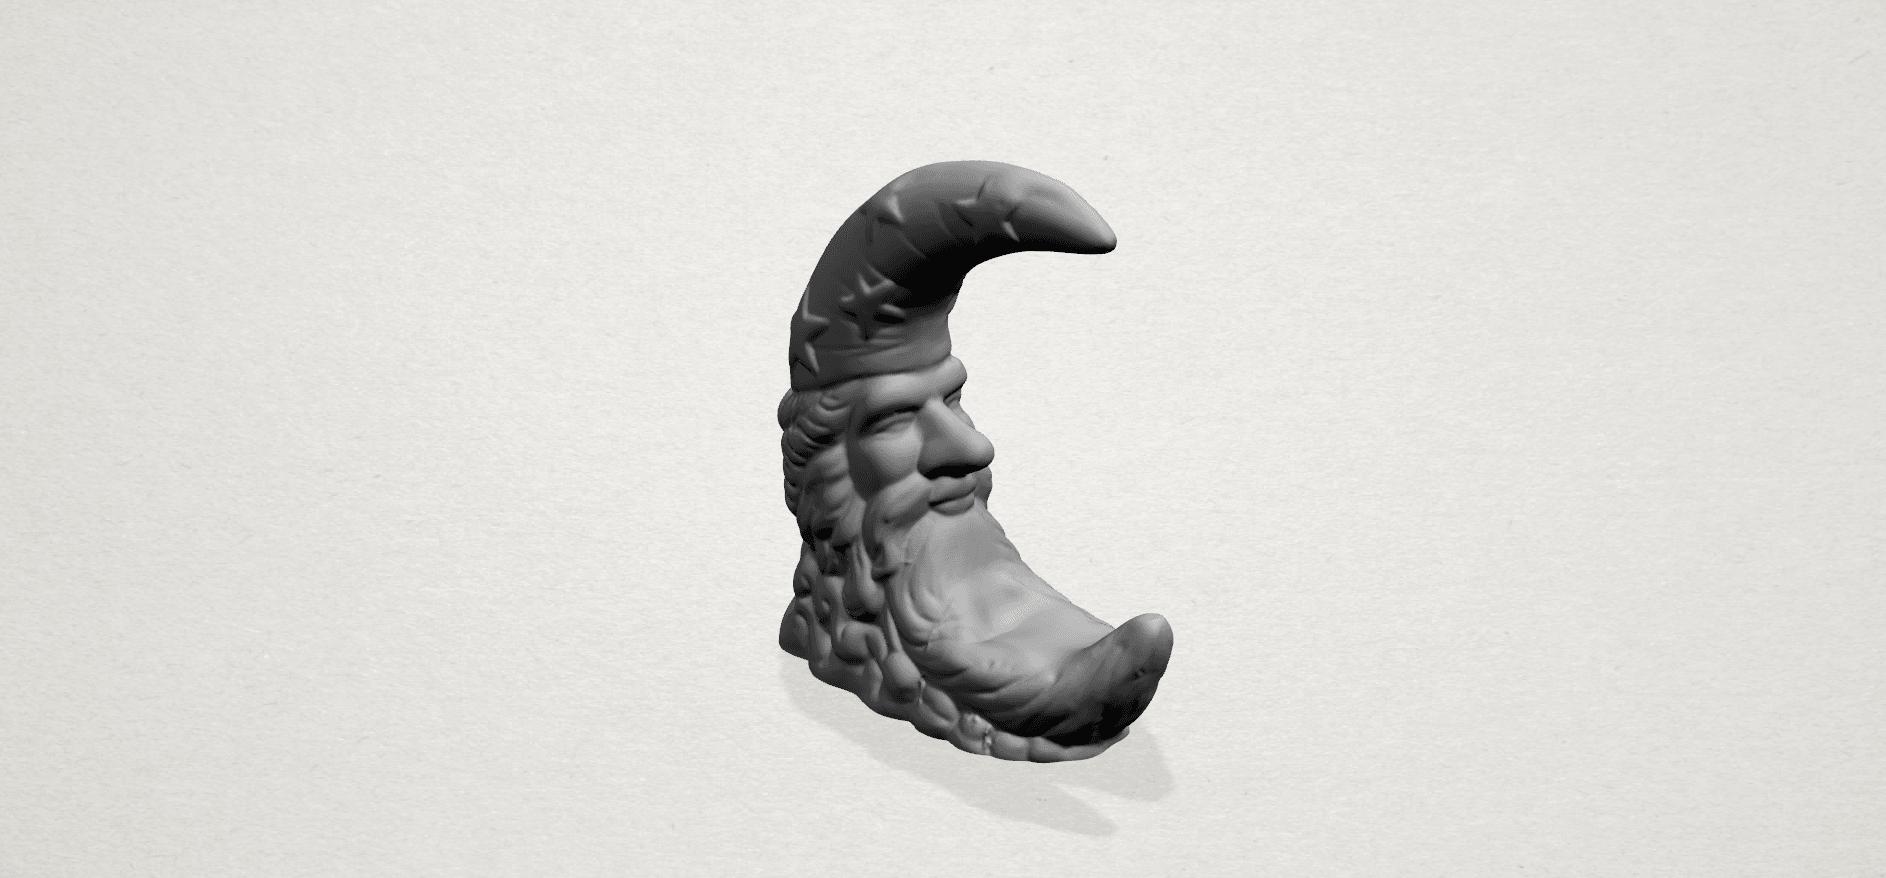 Moon - A03.png Télécharger fichier STL gratuit Lune • Design pour impression 3D, GeorgesNikkei